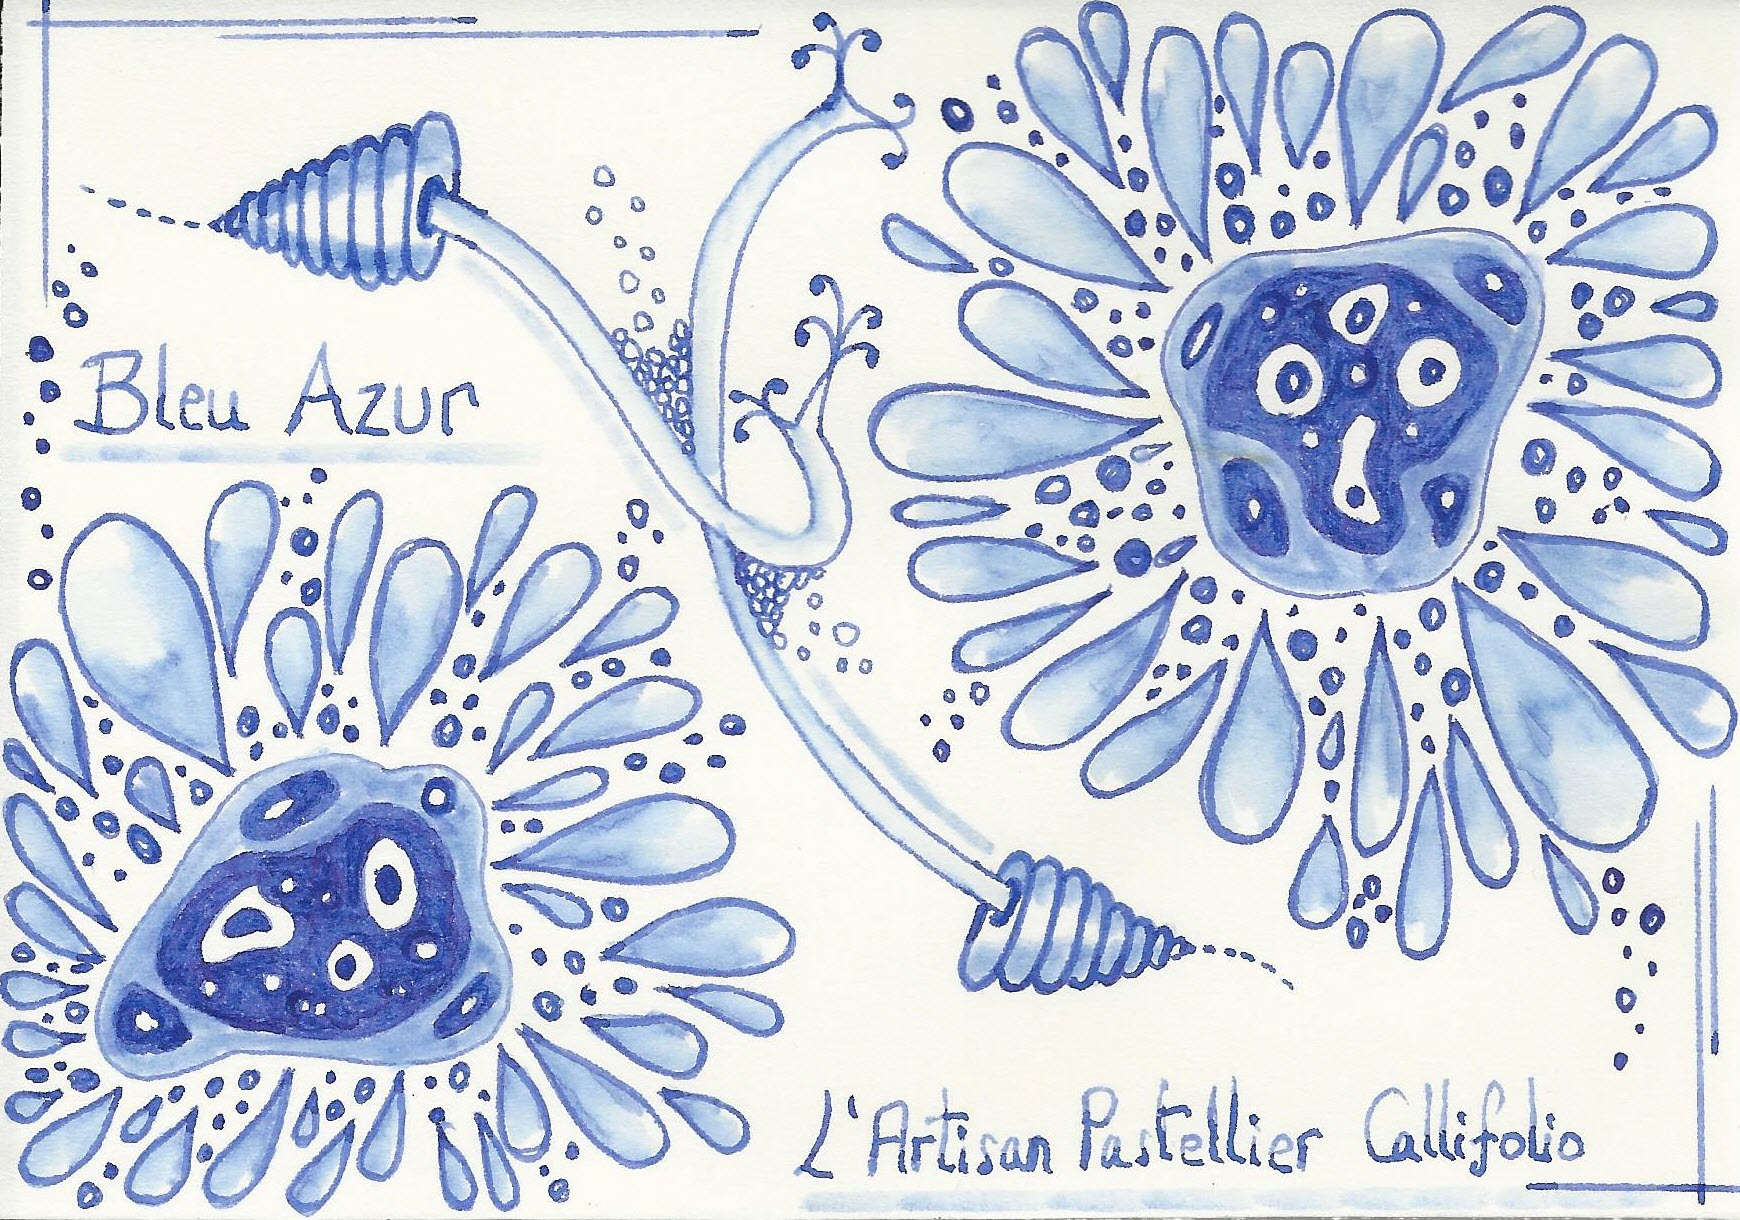 fpn_1555613671__callifolio_-_bleu_azur_-